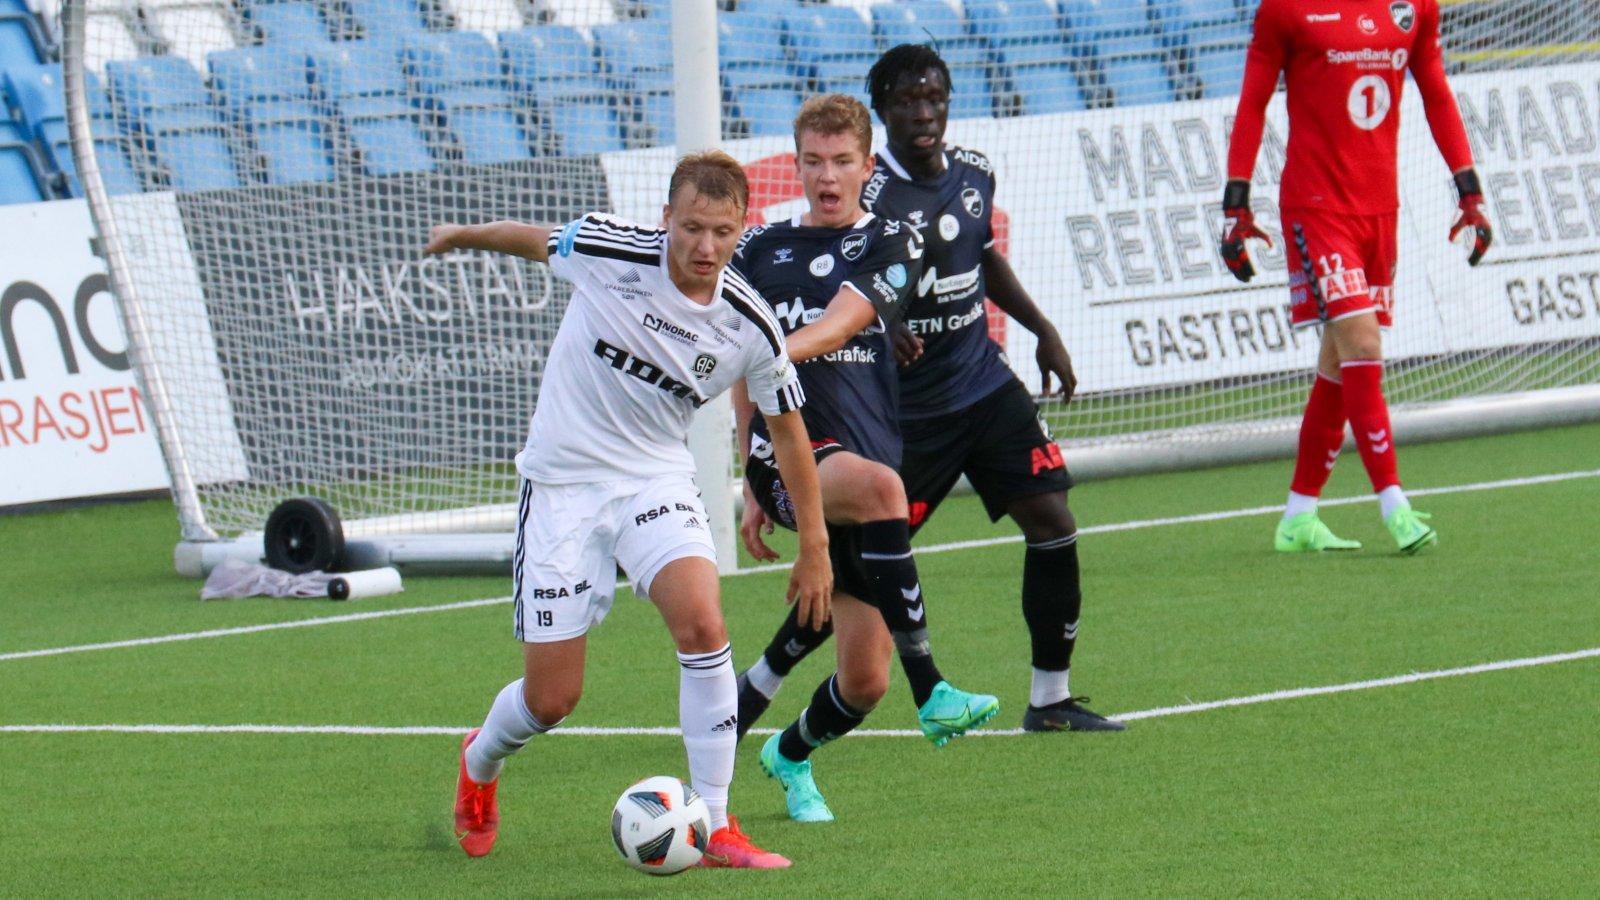 Ole Marius Håbestad scoret sitt første Arendal-mål etter comebacket i sommer.